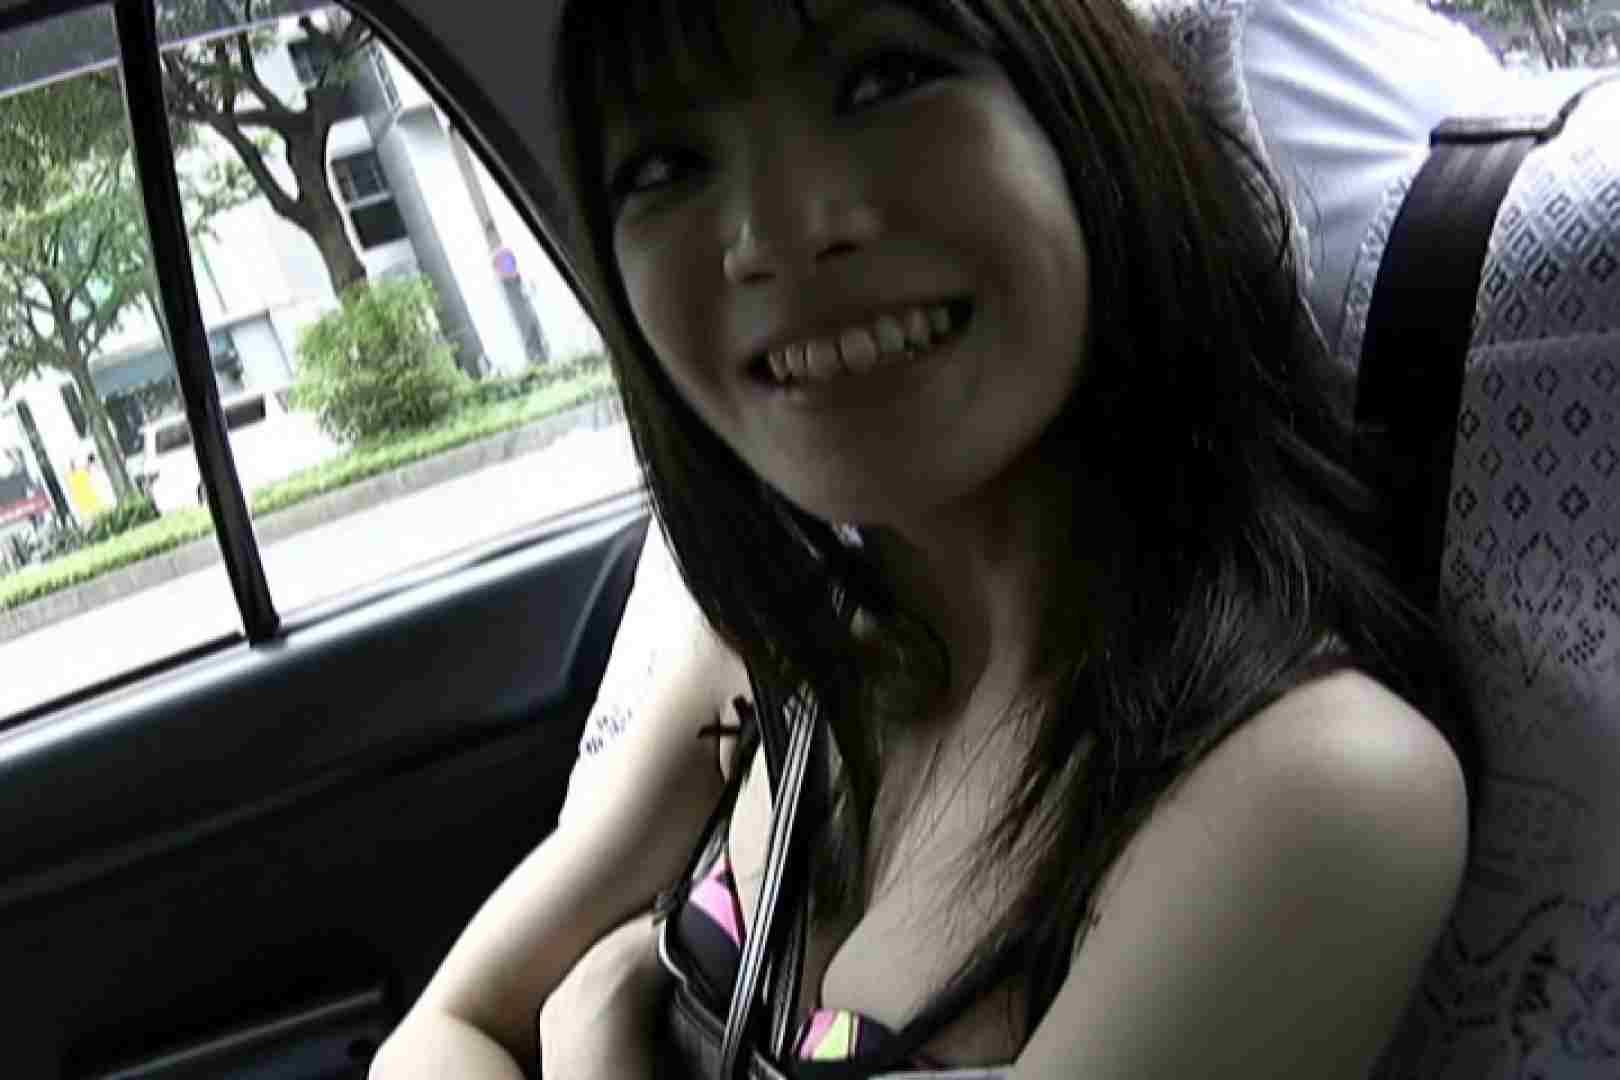 ハイビジョンパンチラ オッテQさんの追跡パンチラ制服女子編Vol.05 OLのエロ生活 覗きおまんこ画像 93連発 51